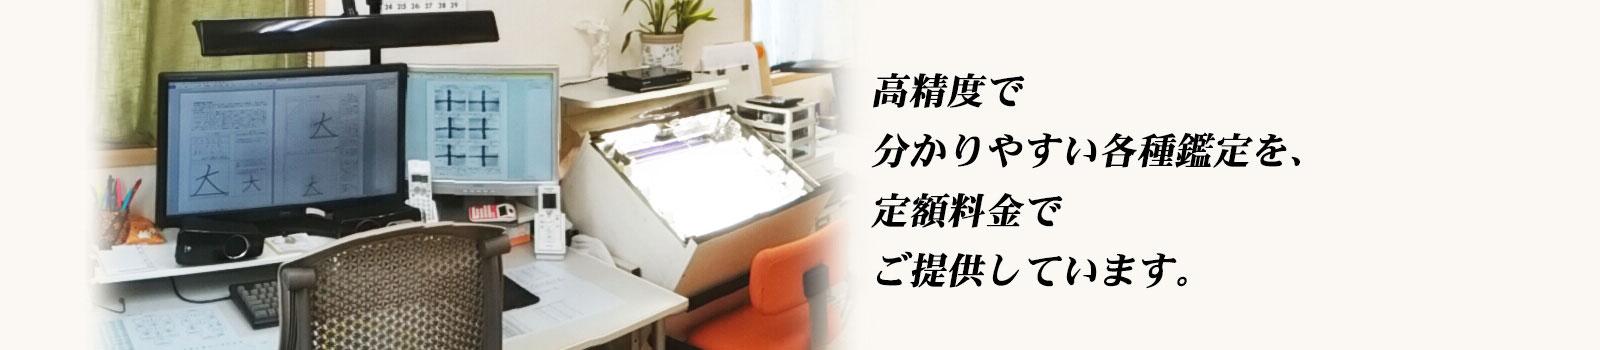 田村鑑定調査の事務所内風景